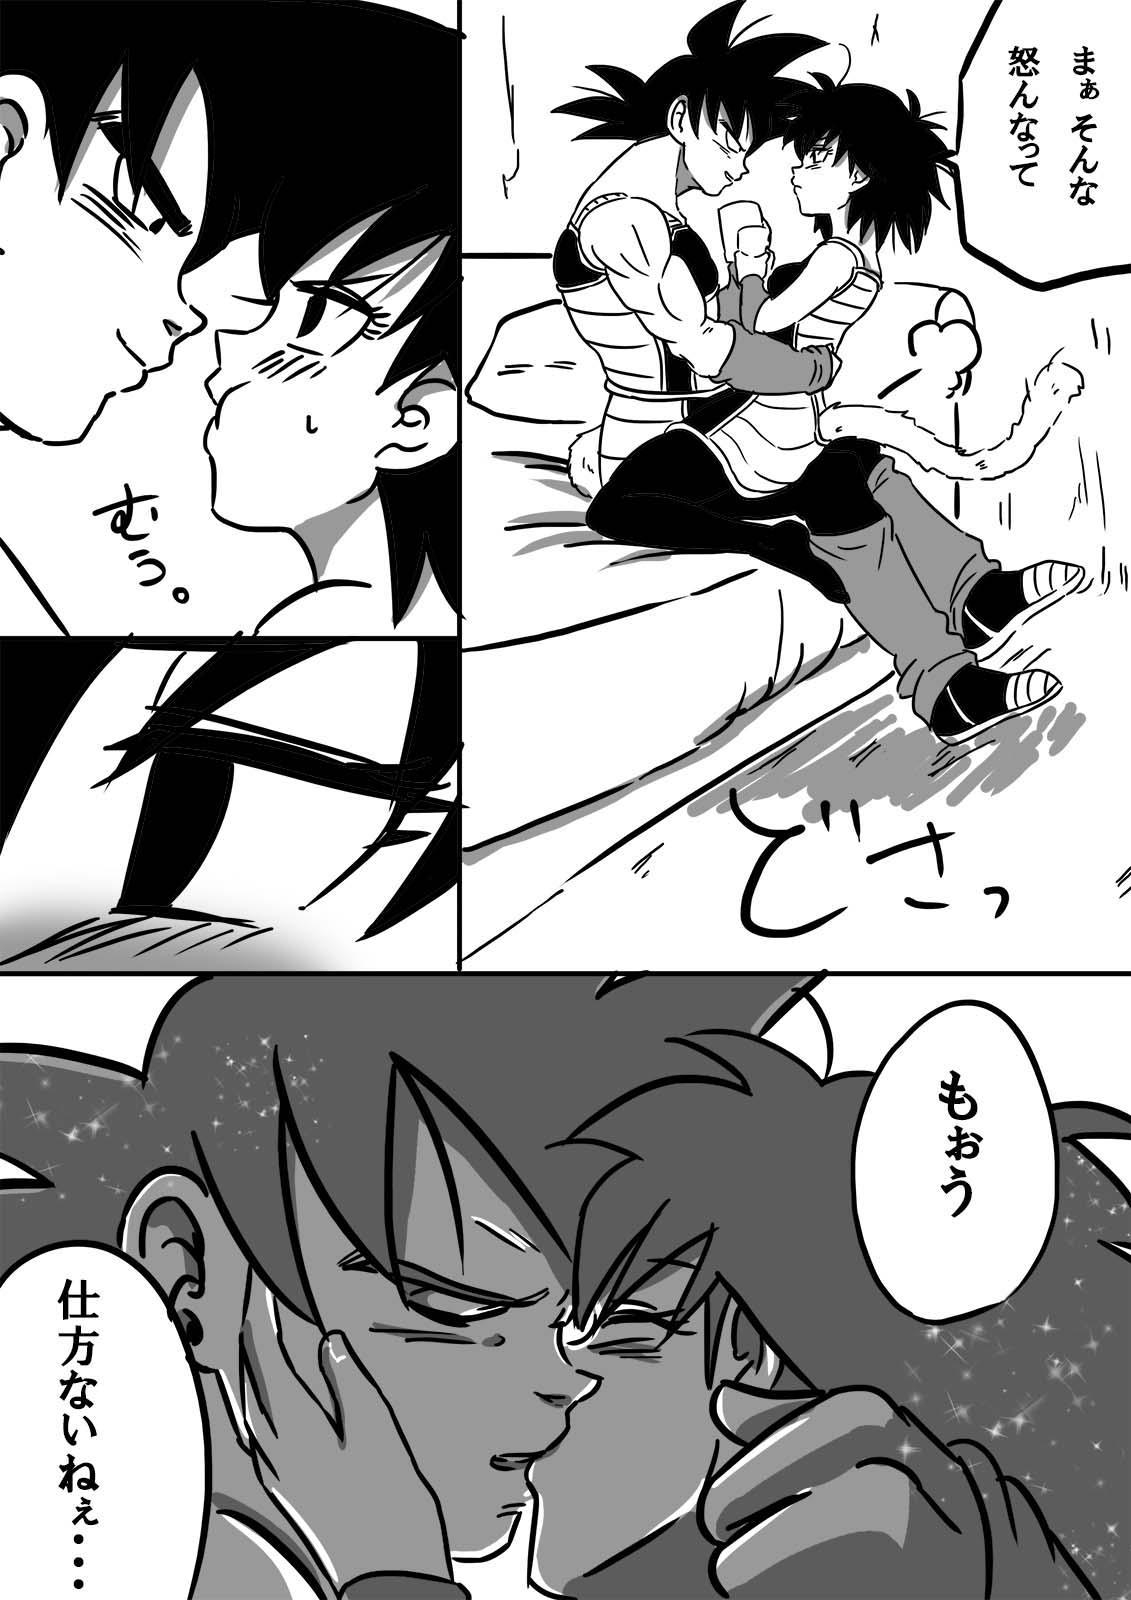 Miwaku no hana 27